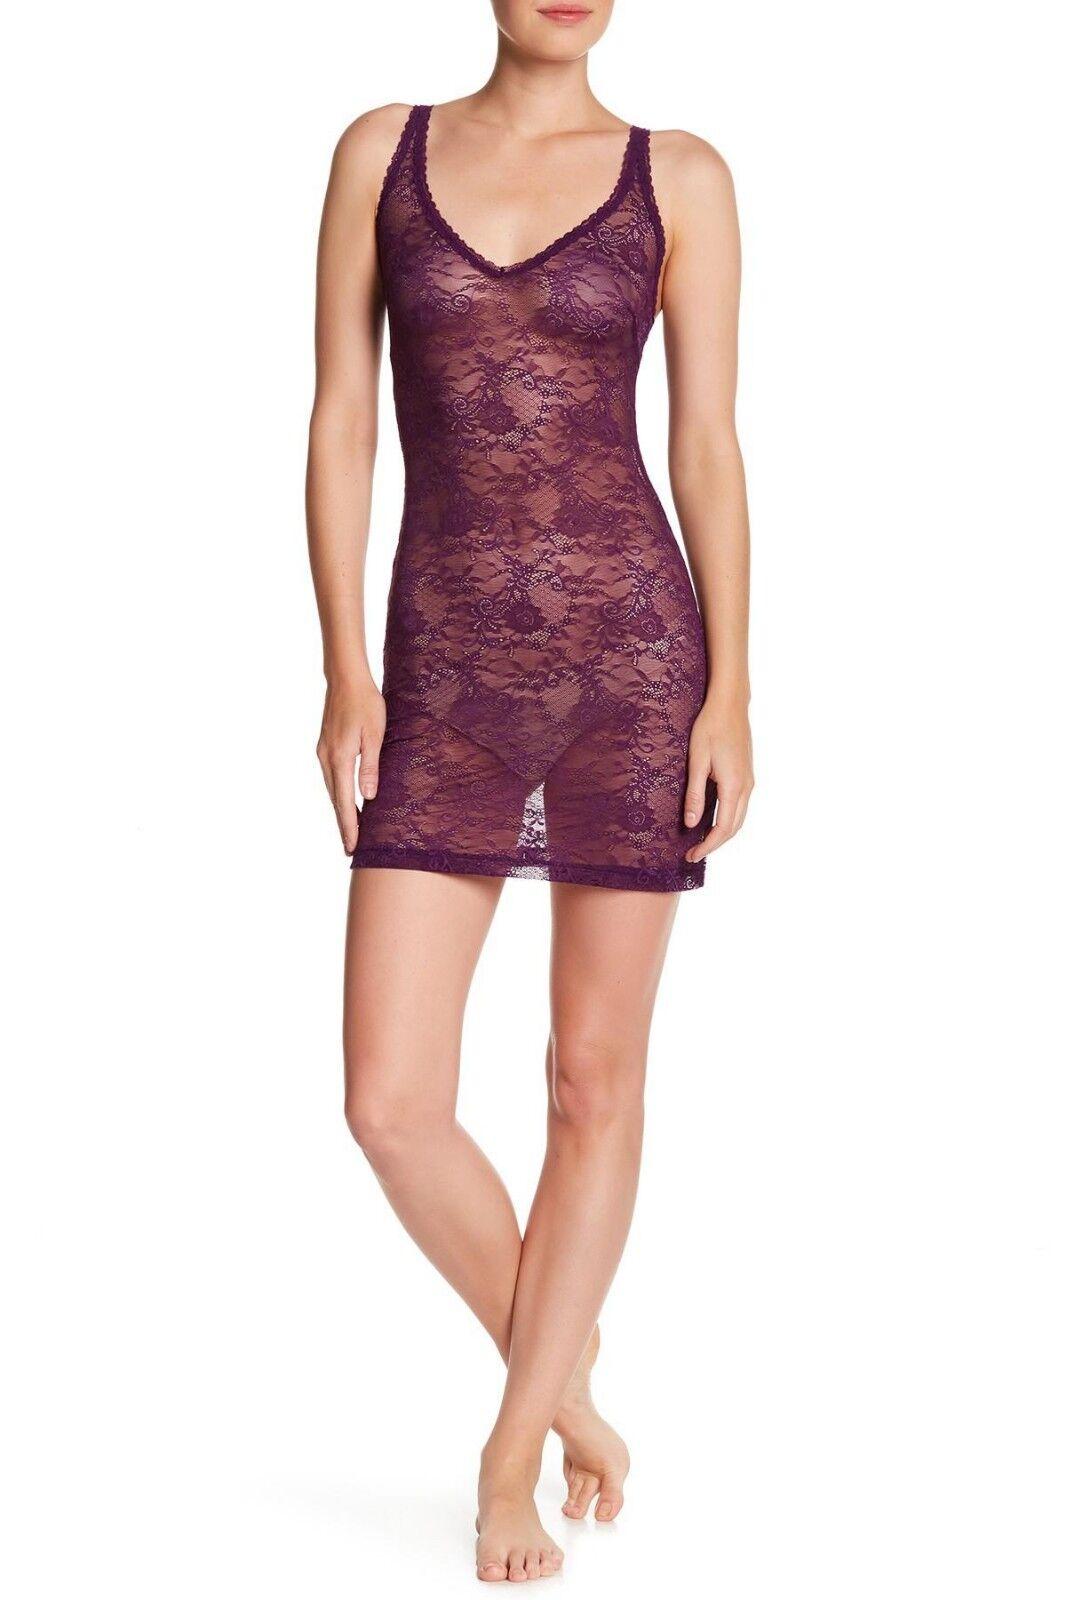 Cosabella TRENTA Plum Purple Stretch Nylon All Over Lace Slip - L